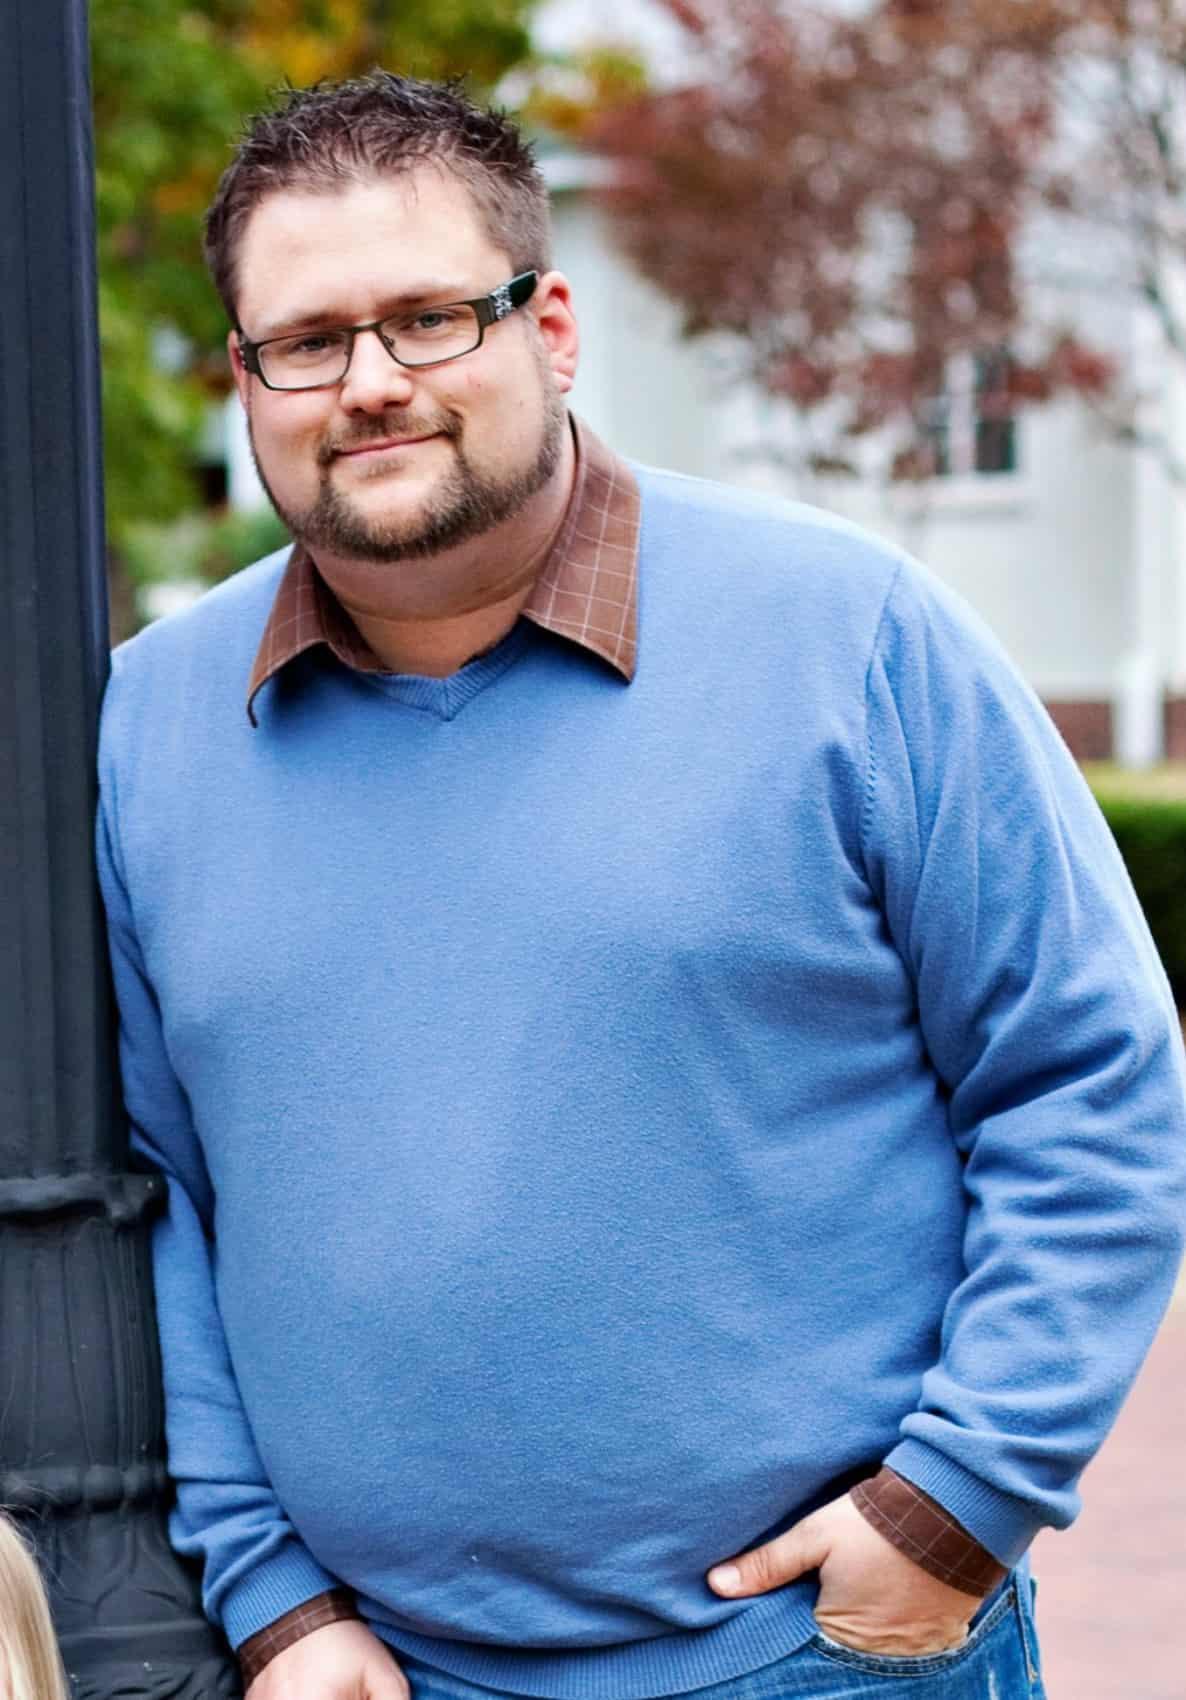 Matt Fry